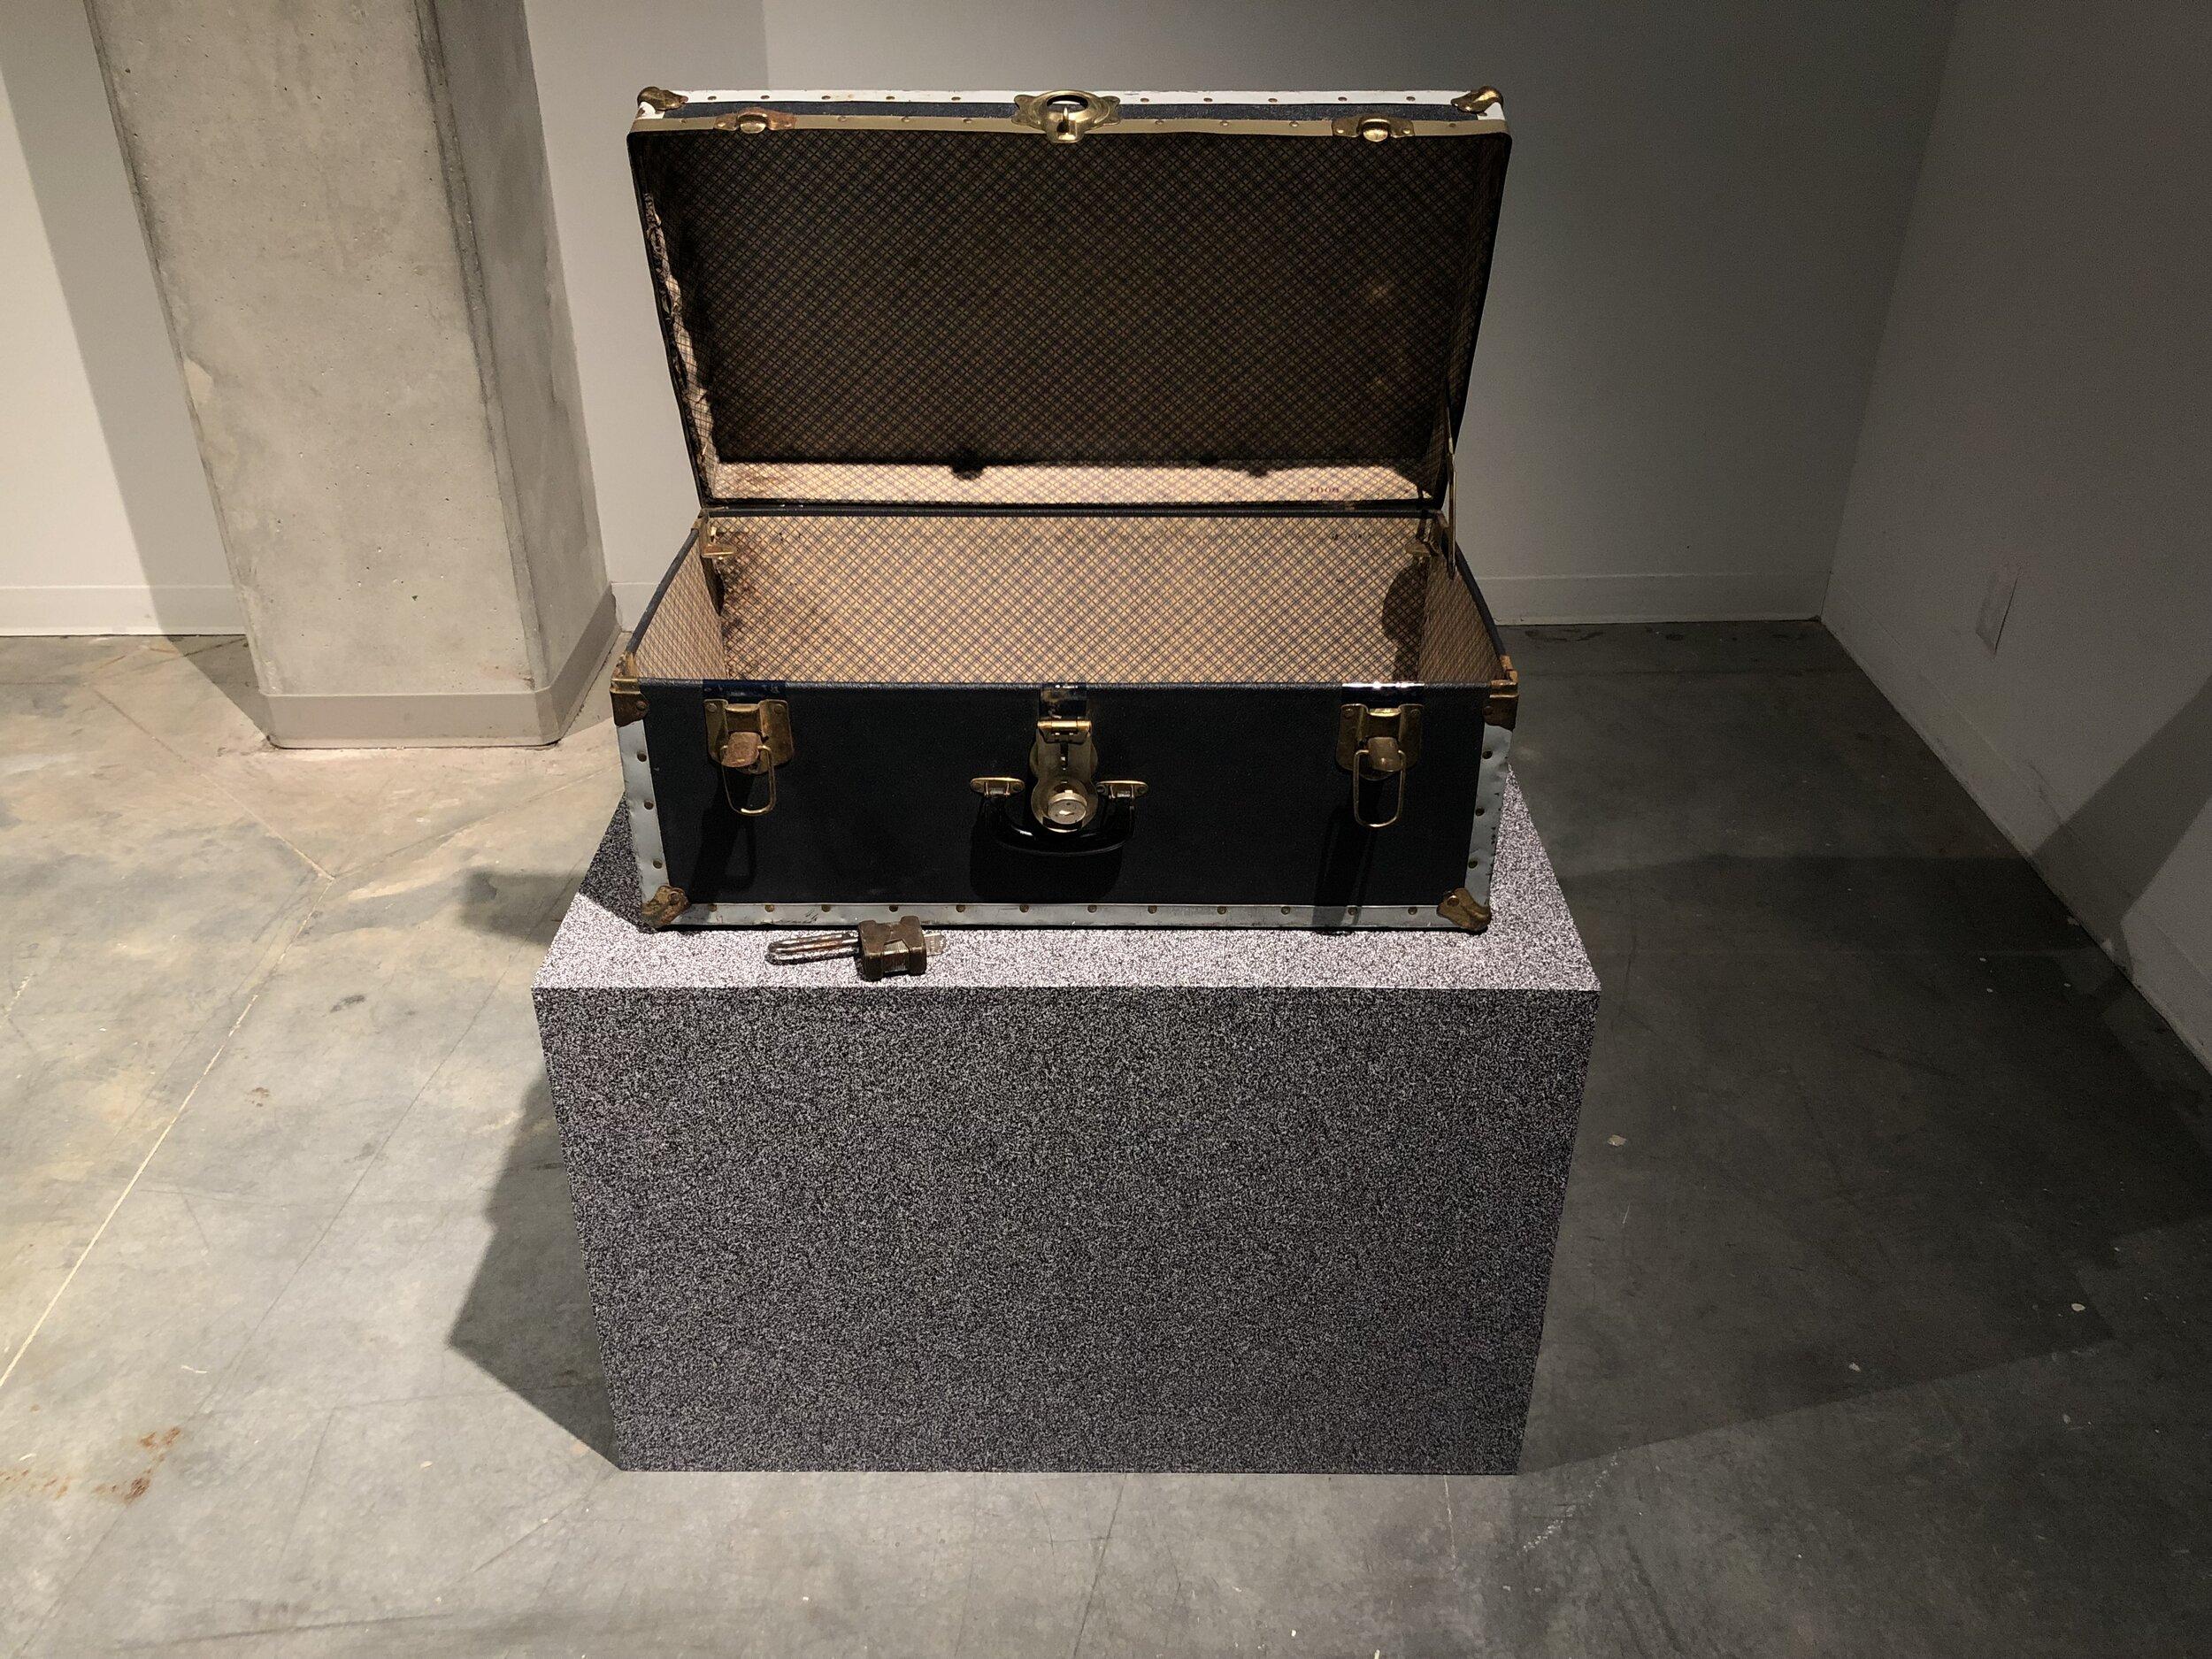 Michael Edward Miller  Level One: Agency , 2019, reduction fired storage jar with granite feldspar, vintage padlock + key, patterned vinyl, MDF plinths, vintage chest, digital timer, players